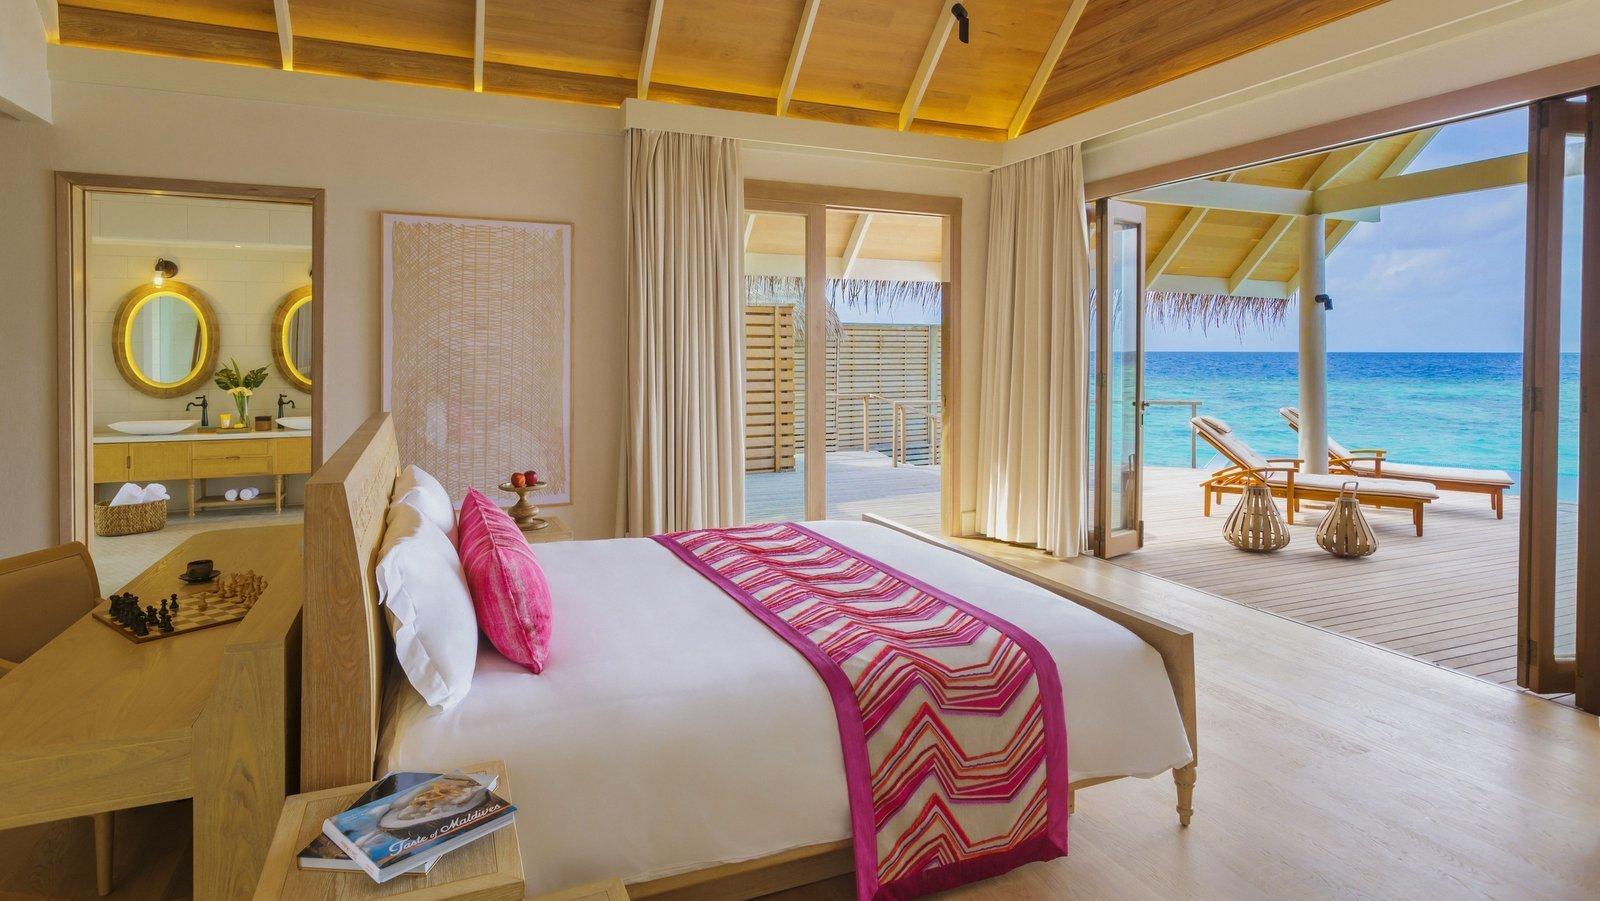 Мальдивы, отель Milaidhoo Island Maldives, номер Water Pool Villa